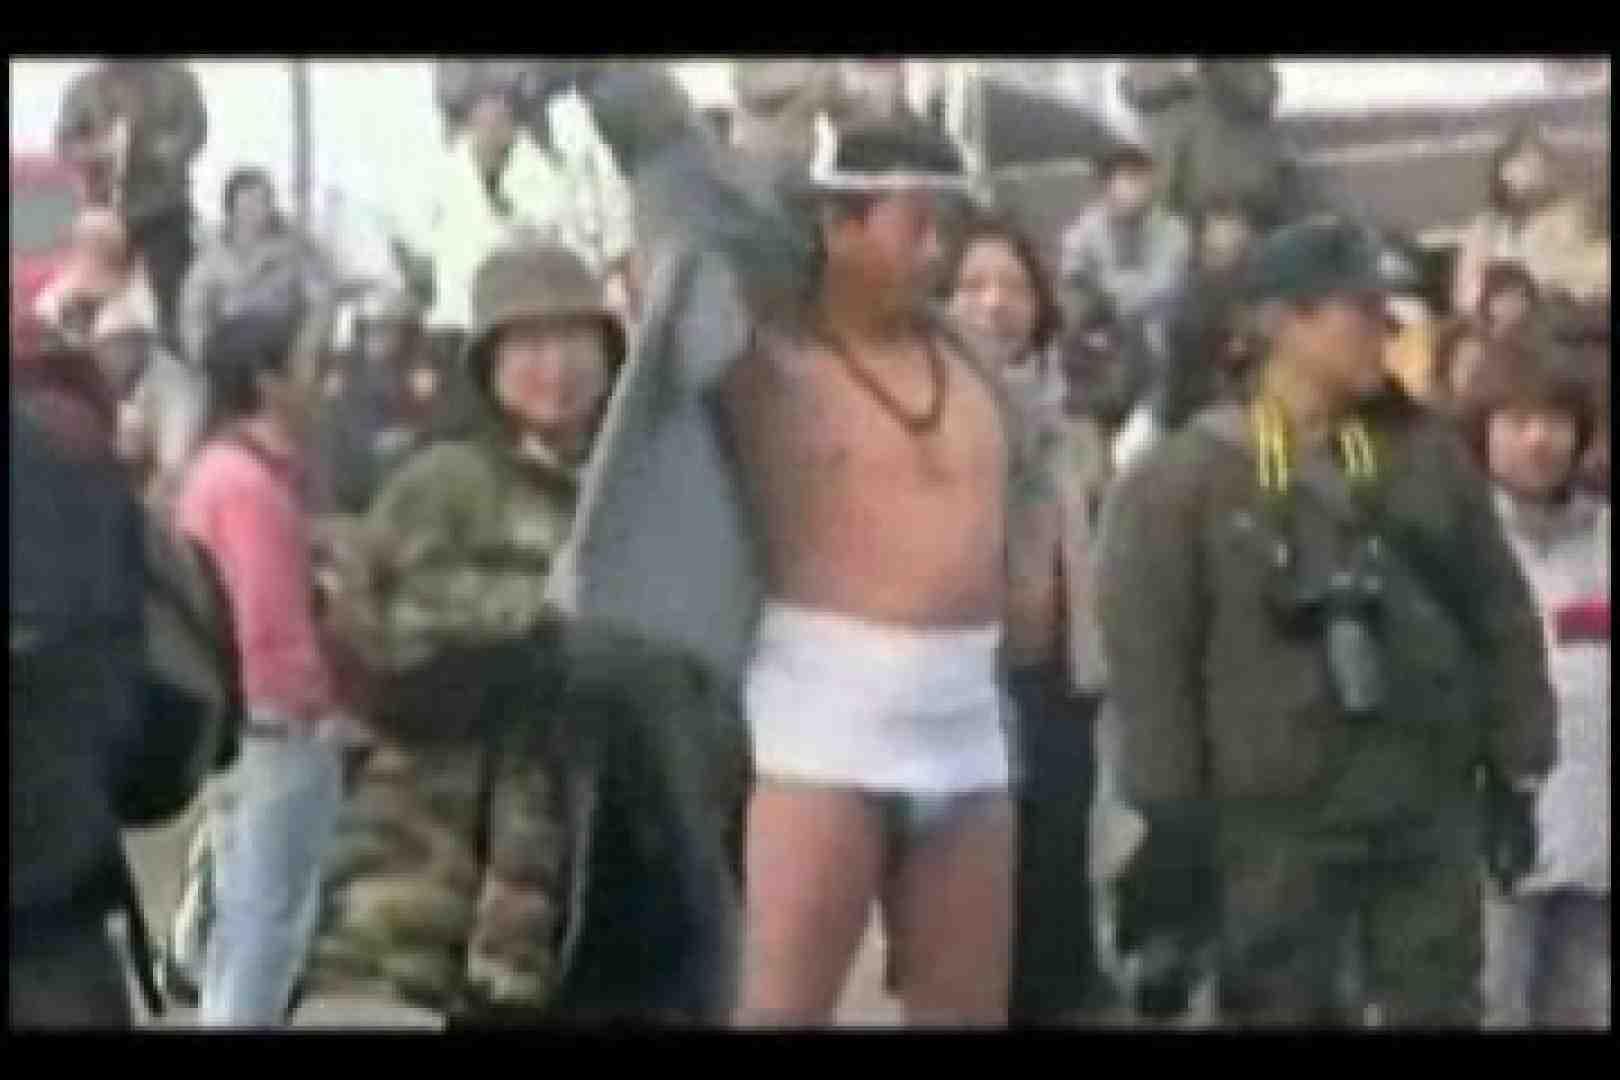 陰間茶屋 男児祭り VOL.1 野外露出セックス ゲイ素人エロ画像 90枚 70